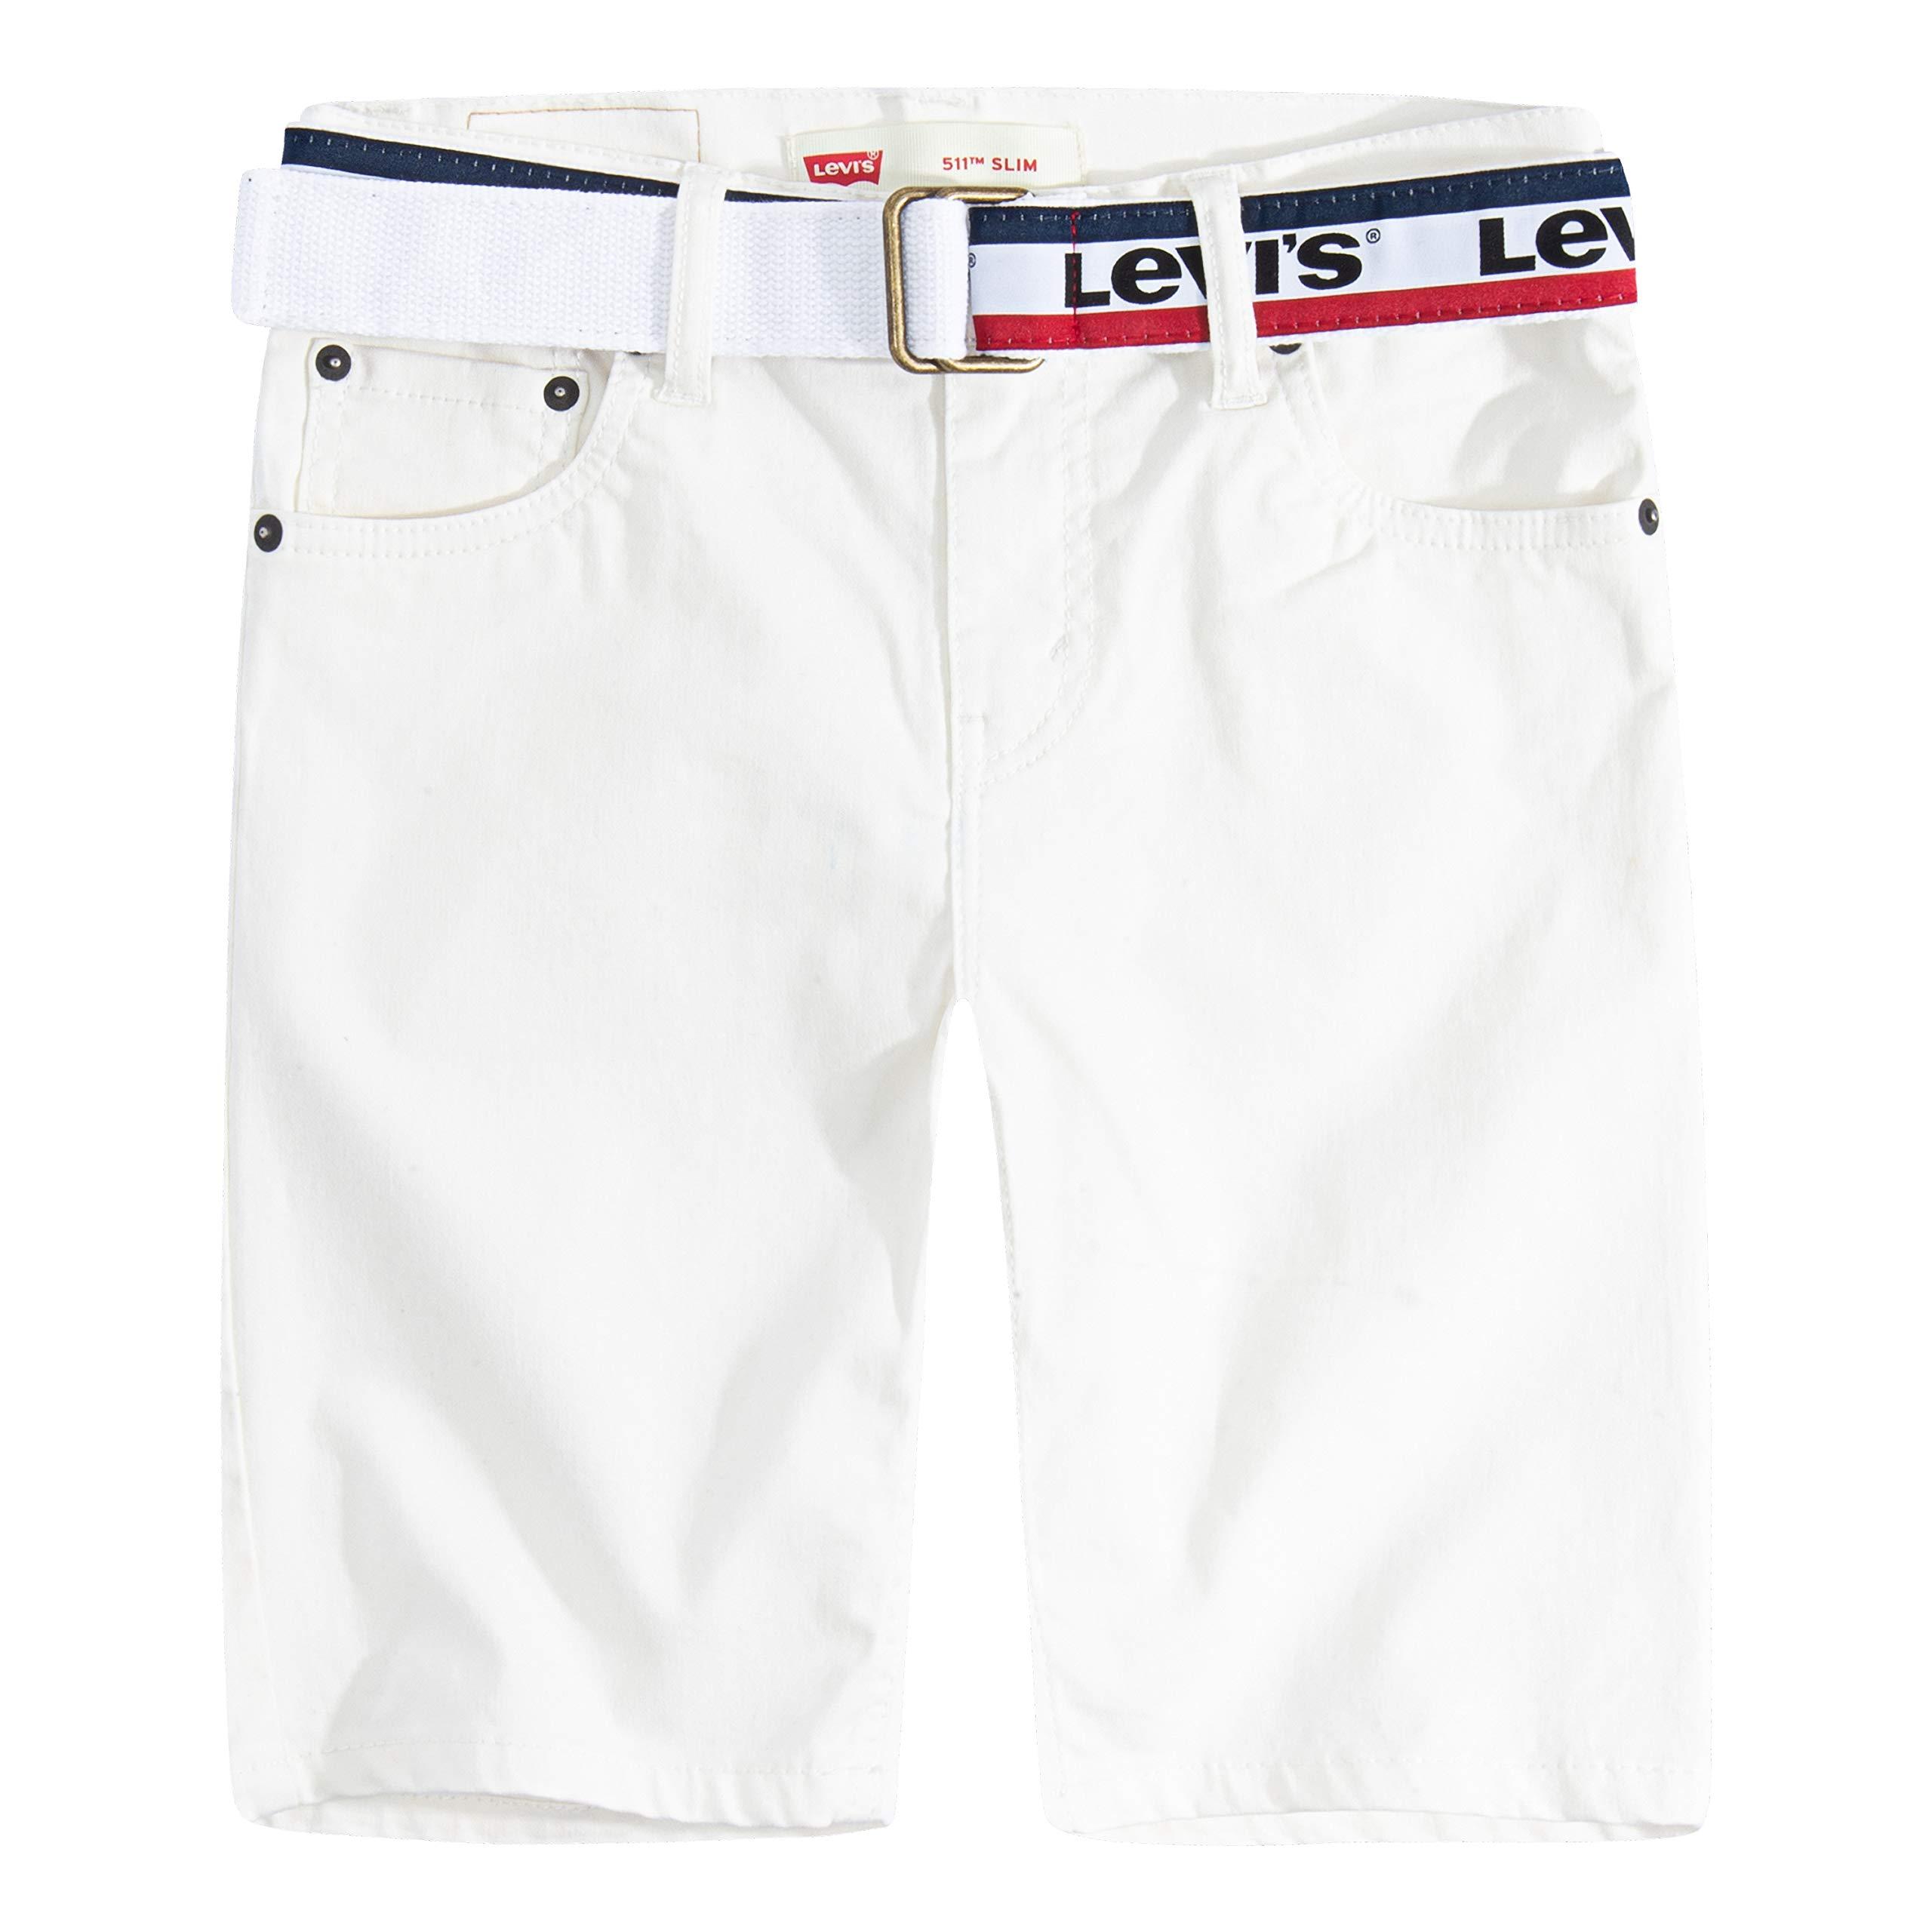 Levi's Boys' Little 511 Slim Fit Soft Brushed Shorts, Cloud Dancer Belted, 6